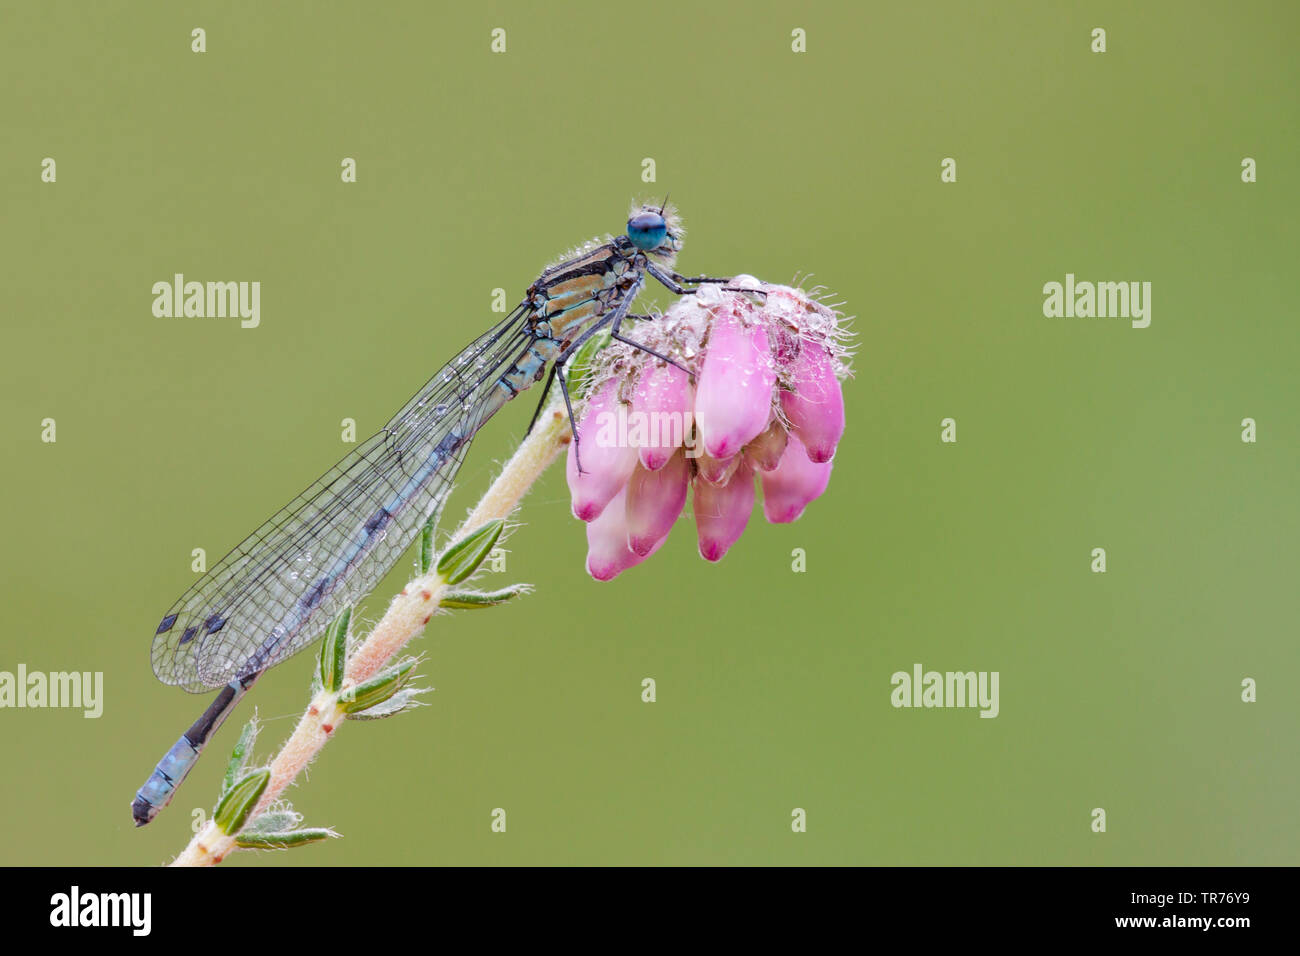 Coenagrion, commune de demoiselles Azure (Coenagrion puella), sur une fleur, Pays-Bas Banque D'Images